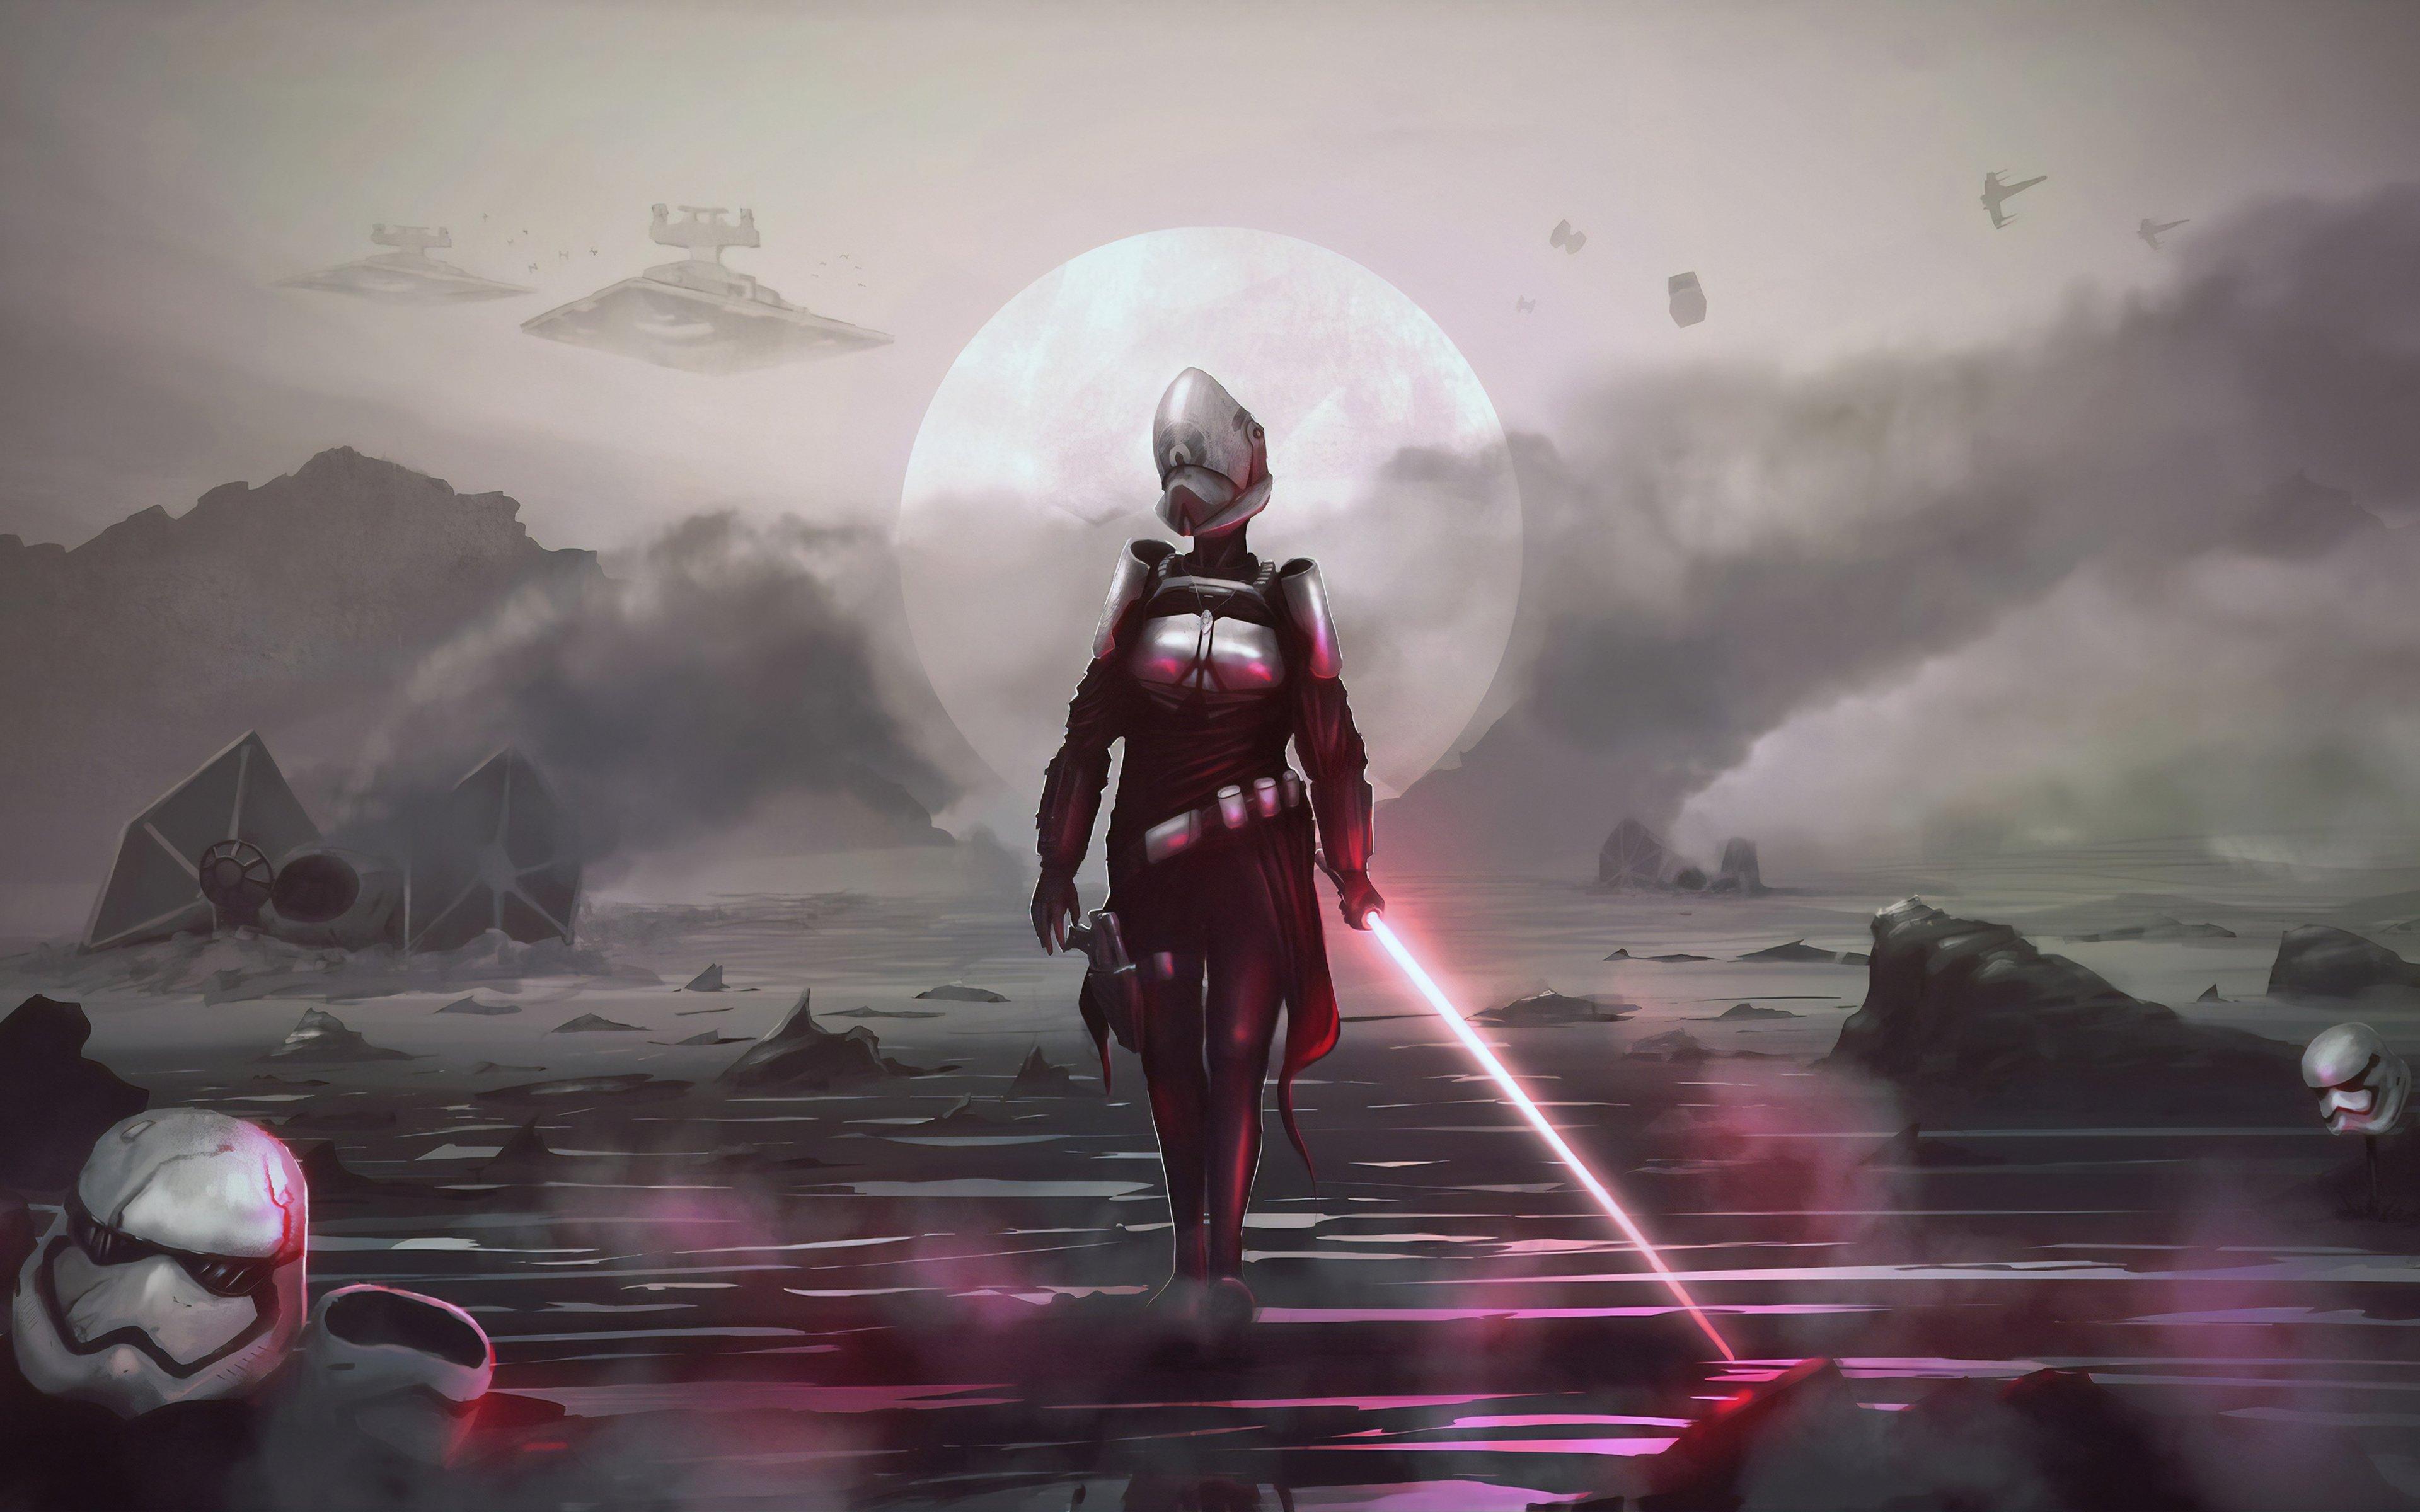 Fondos de pantalla Star wars fanart